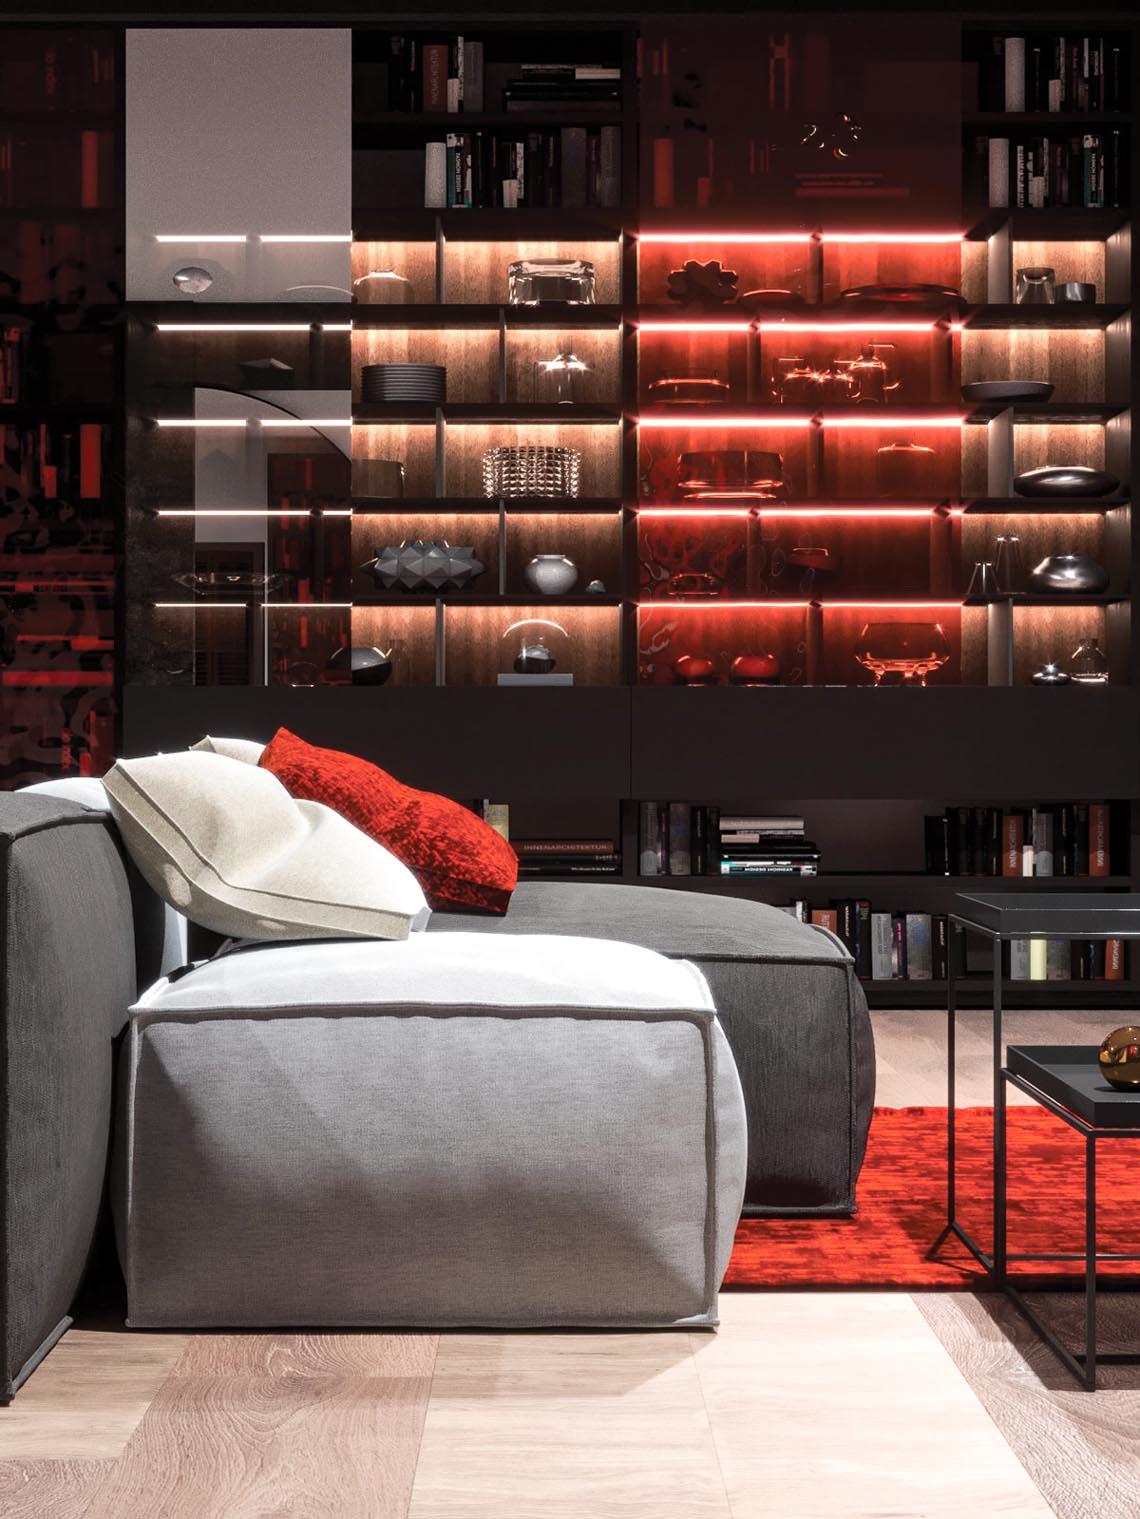 Thiết kế nội thất hiện đại với tông màu đỏ và xám theo phong cách Nhật Bản-17